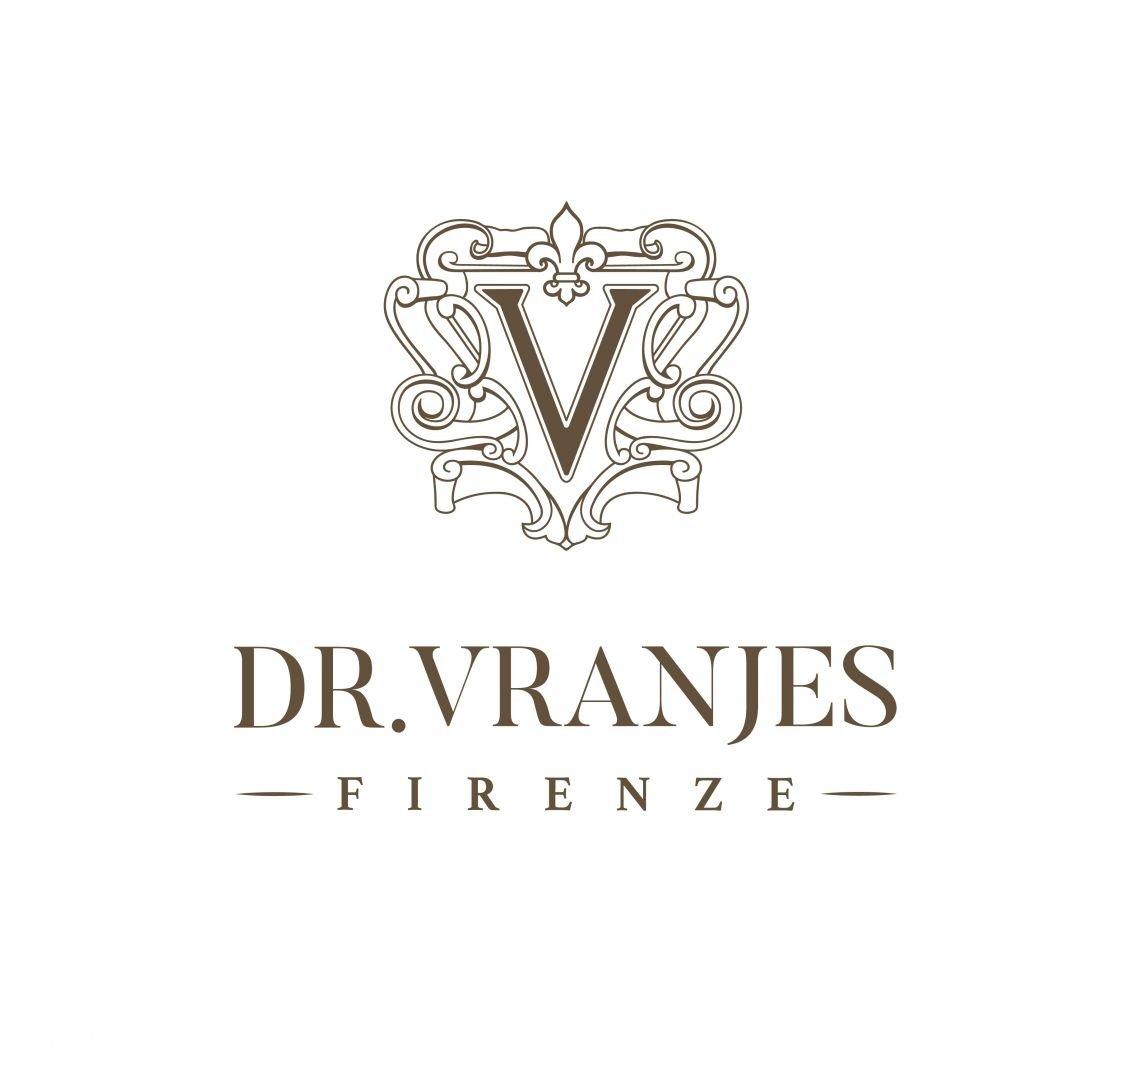 Dr. Vranjes huisparfums